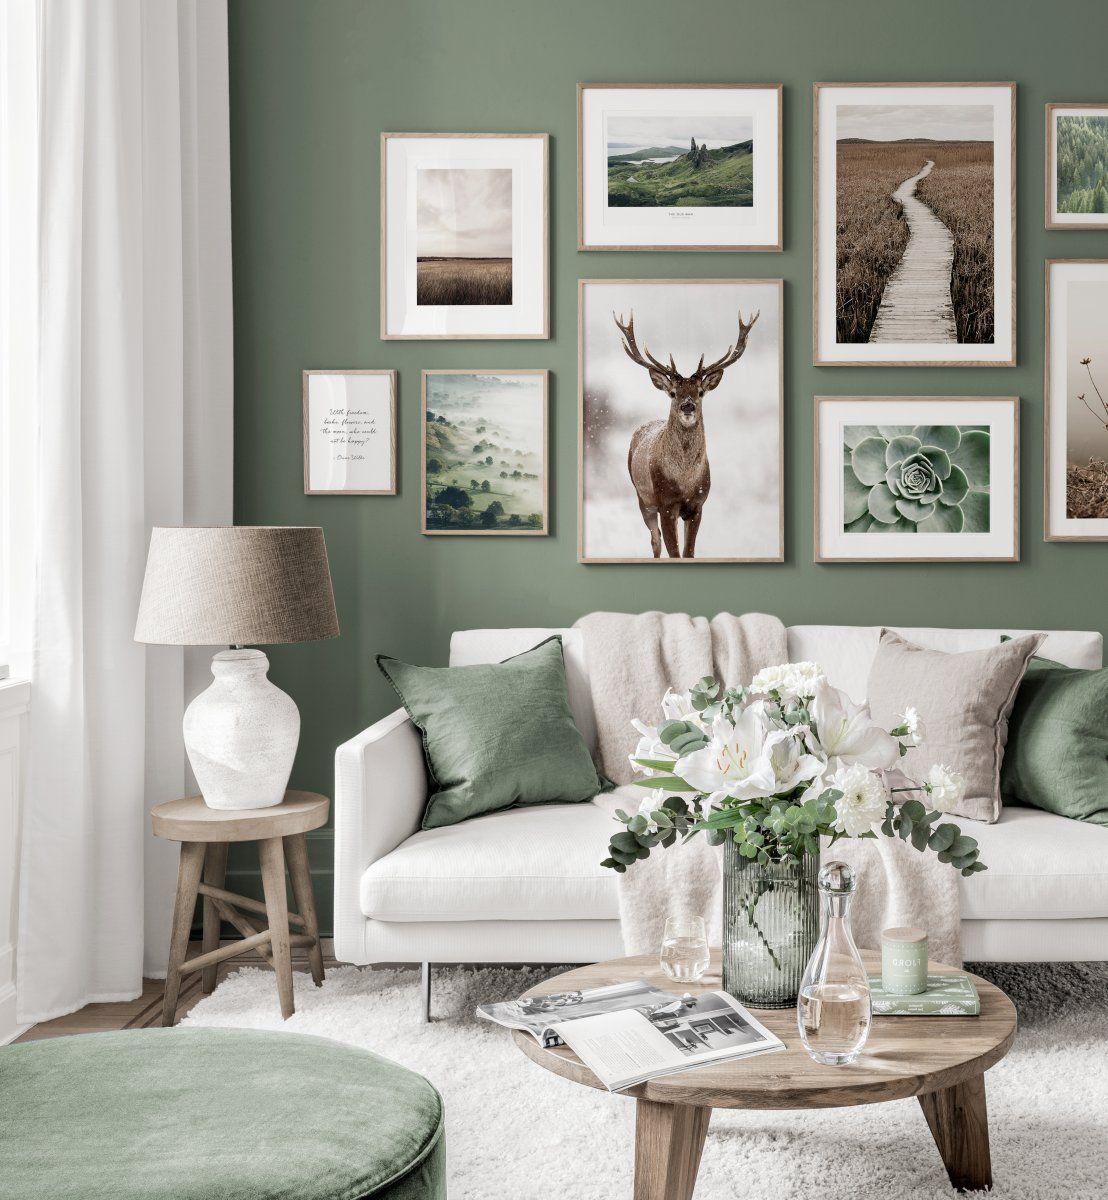 Atemberaubende Bilderwand Naturposter roter Hirsch weiß grün Interieur Eichenrahmen